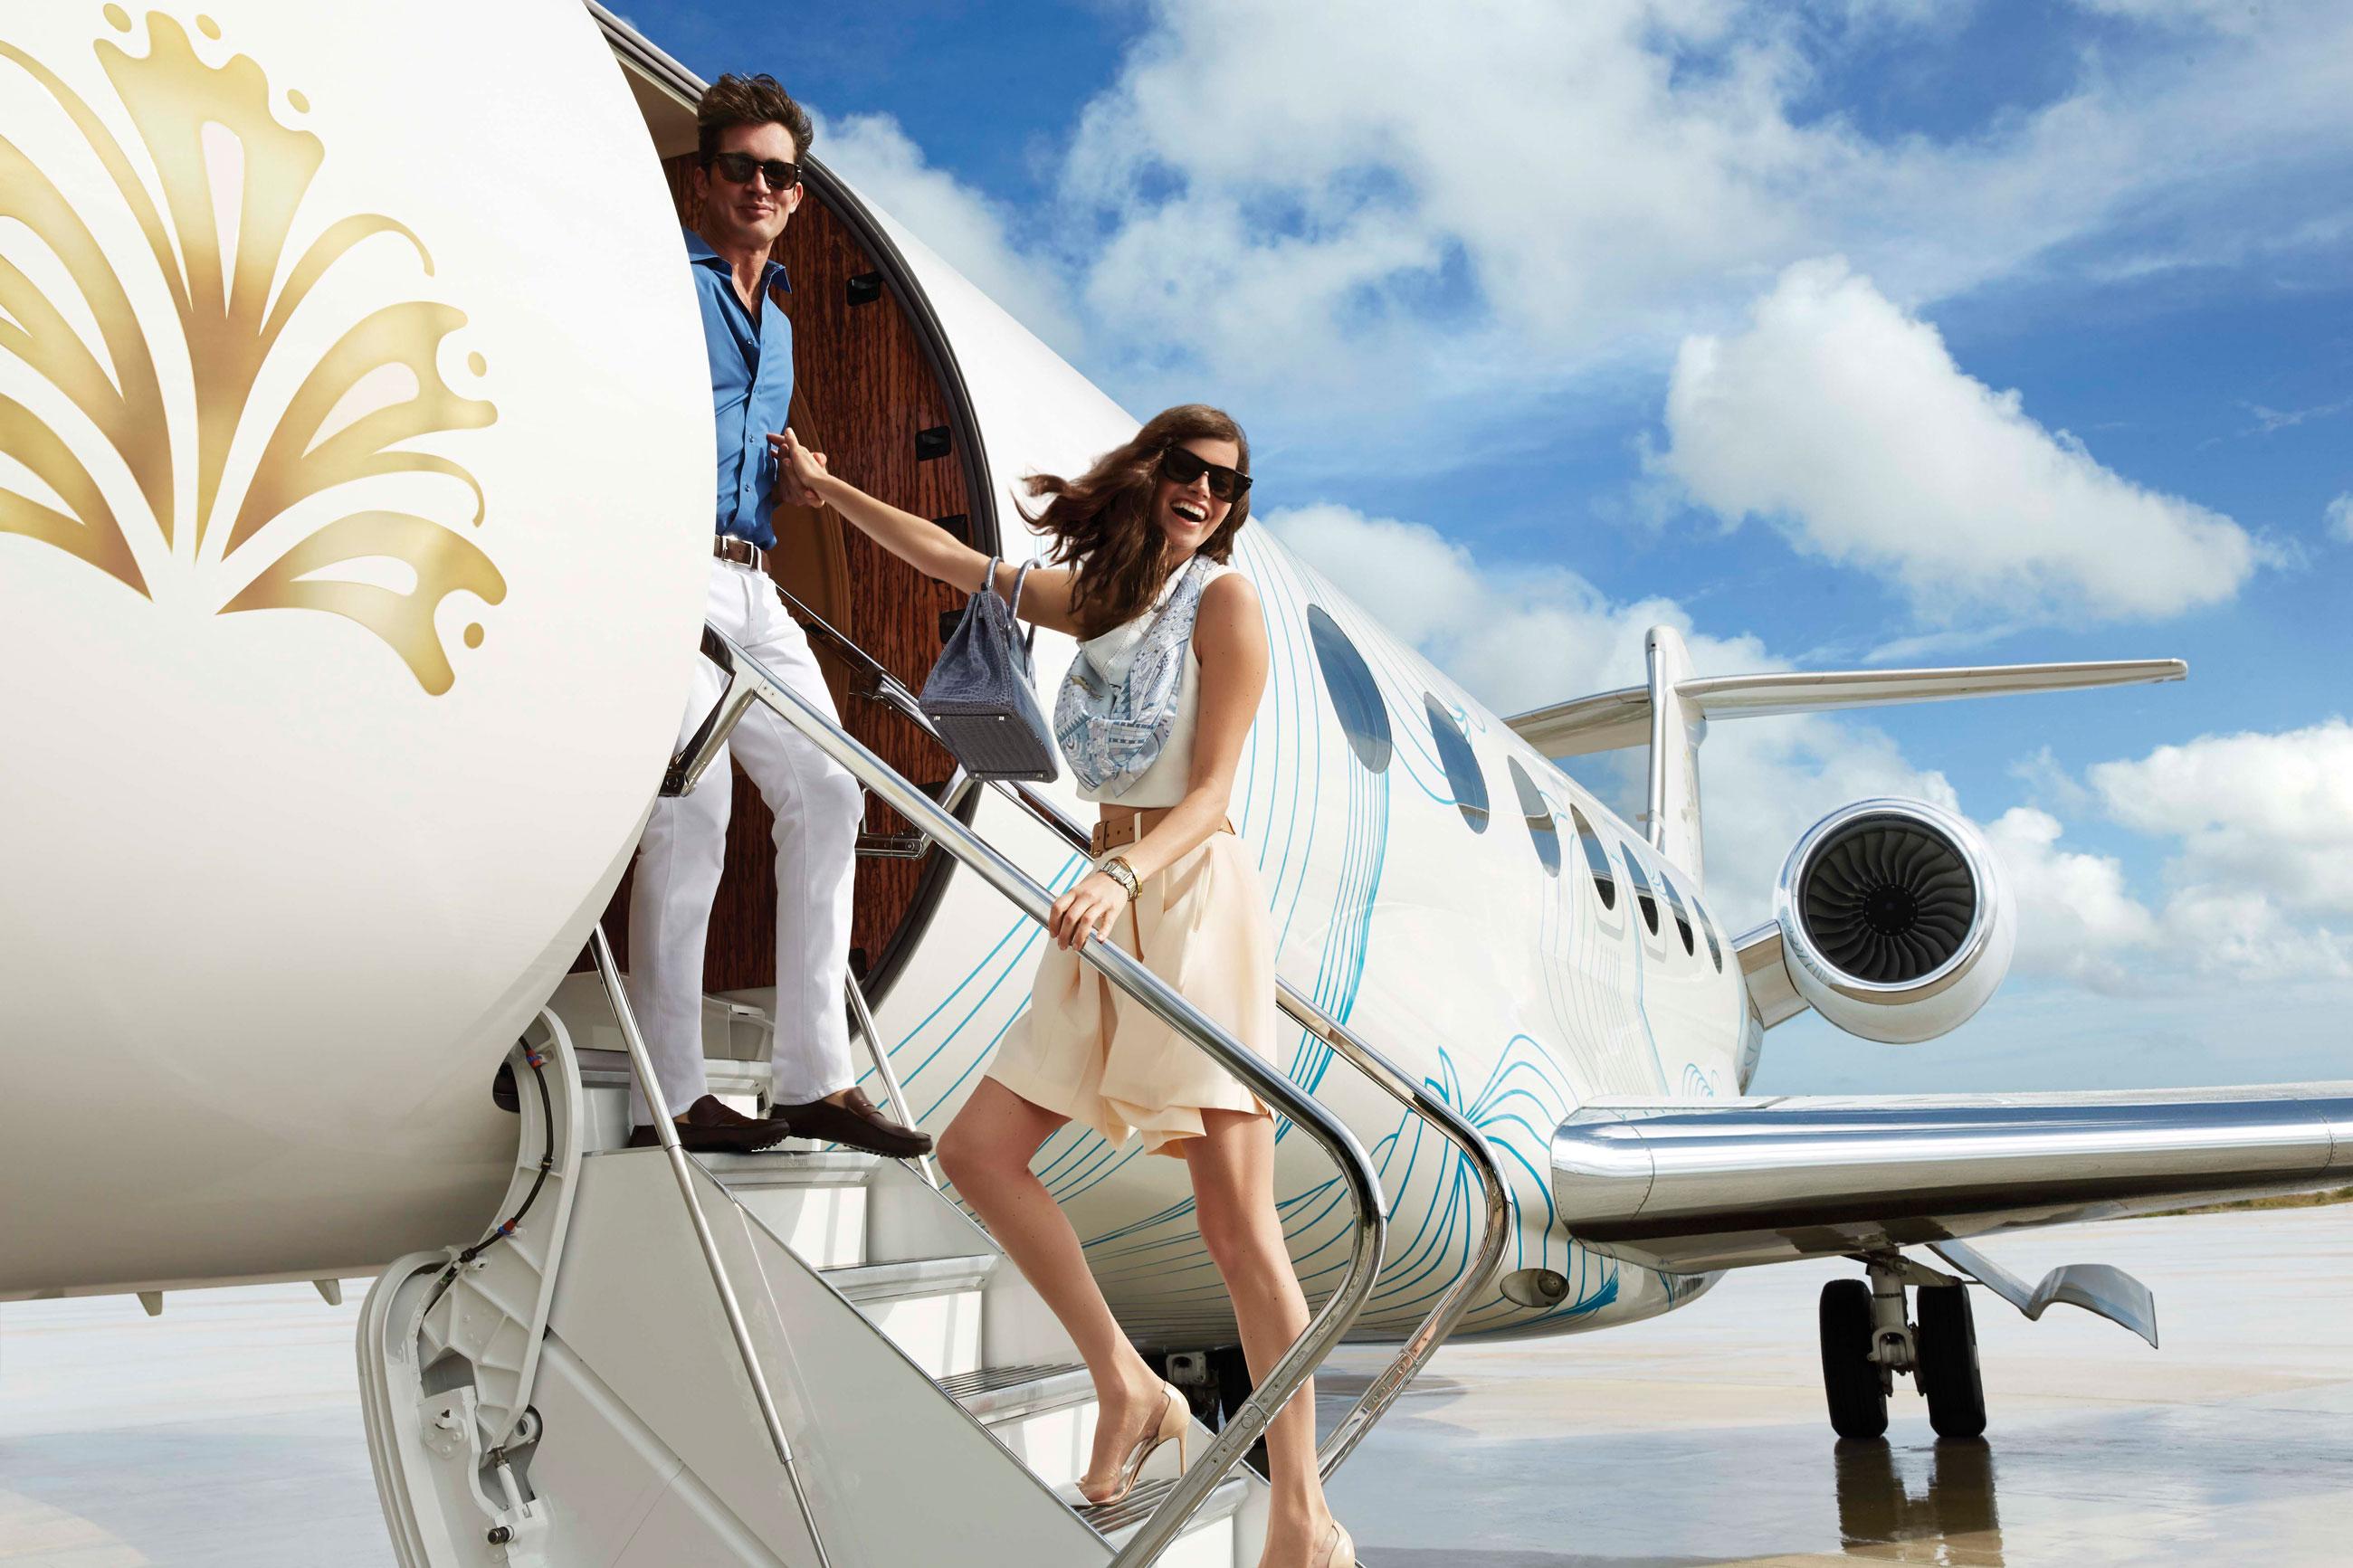 Boarding private plane